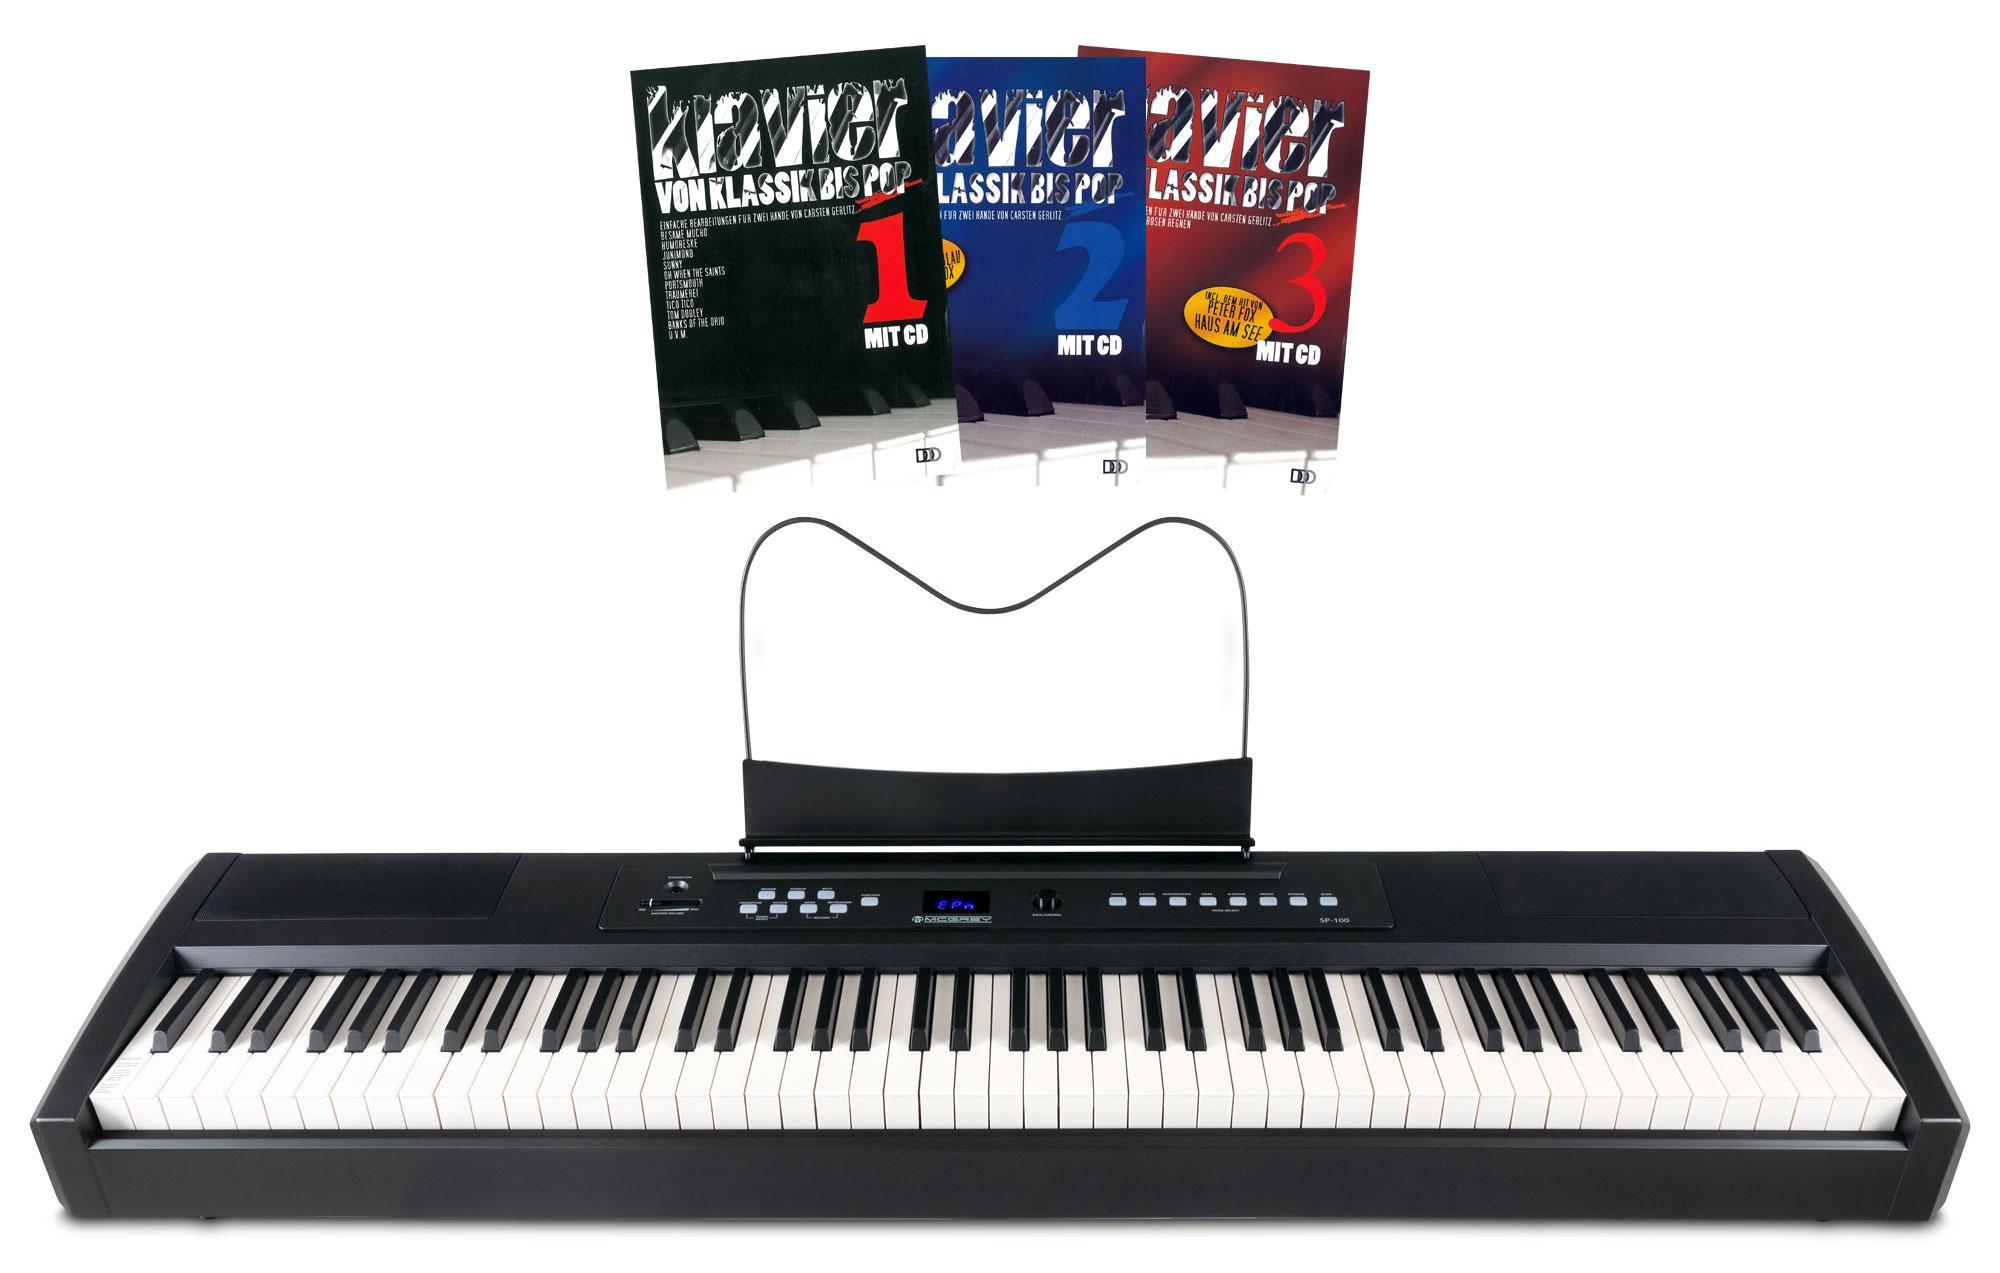 Fuerte stagepiano notas set set set con 88 teclas - & piano Partitura  clásico hasta pop  1-3  Las ventas en línea ahorran un 70%.